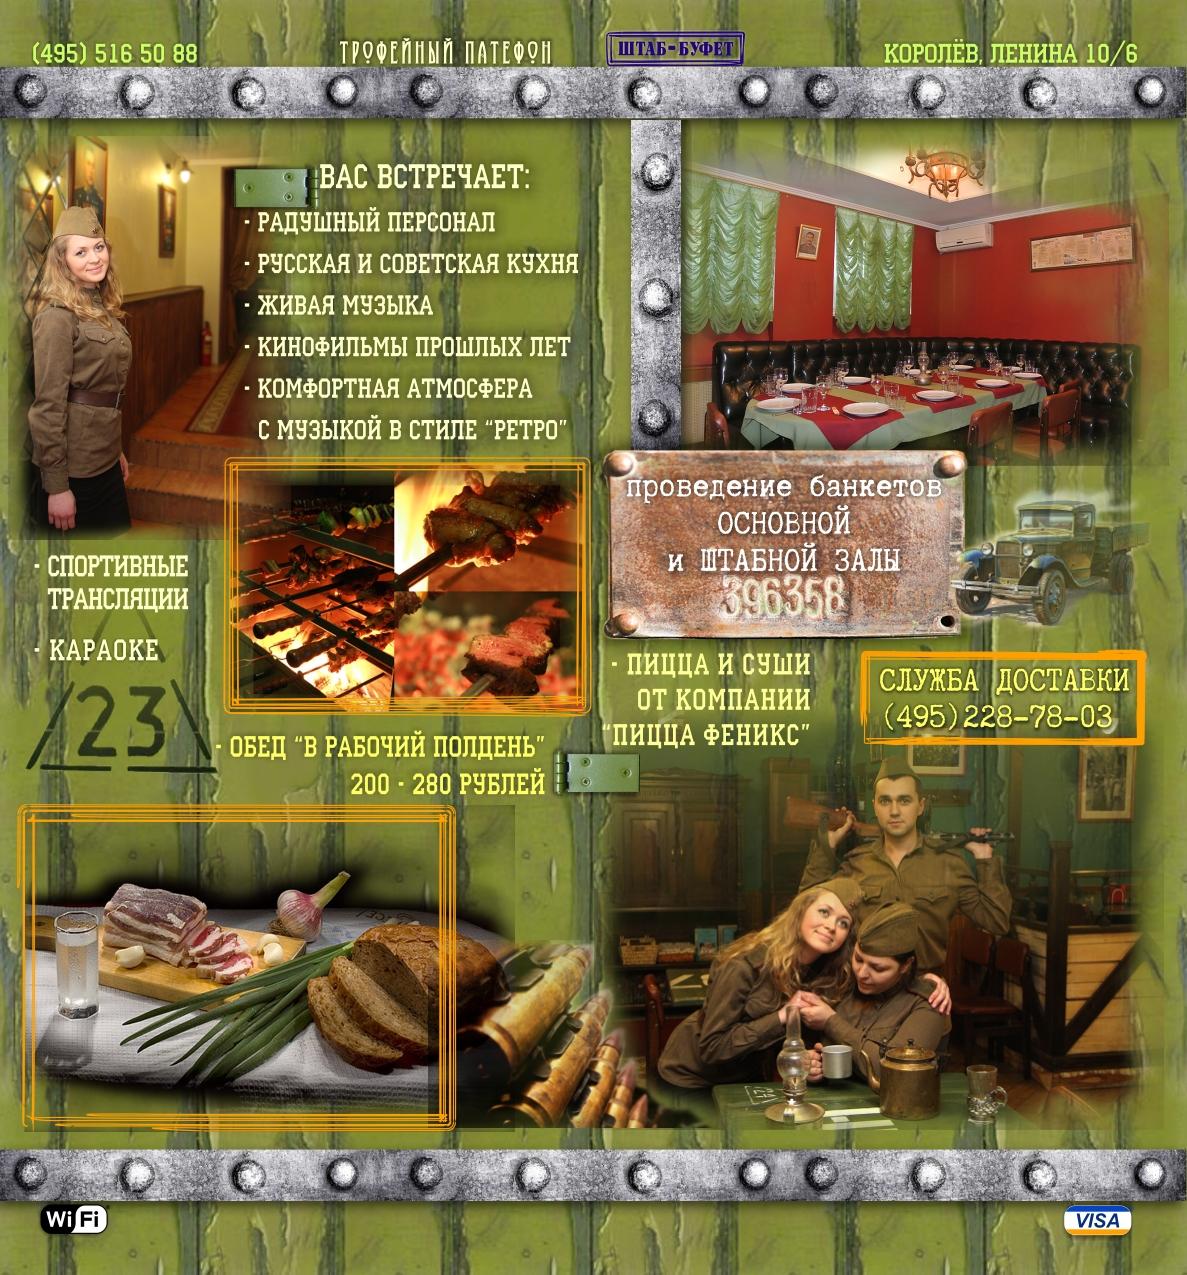 """Буклет для ресторана """"Трофейный патефон"""". 1 сторона"""